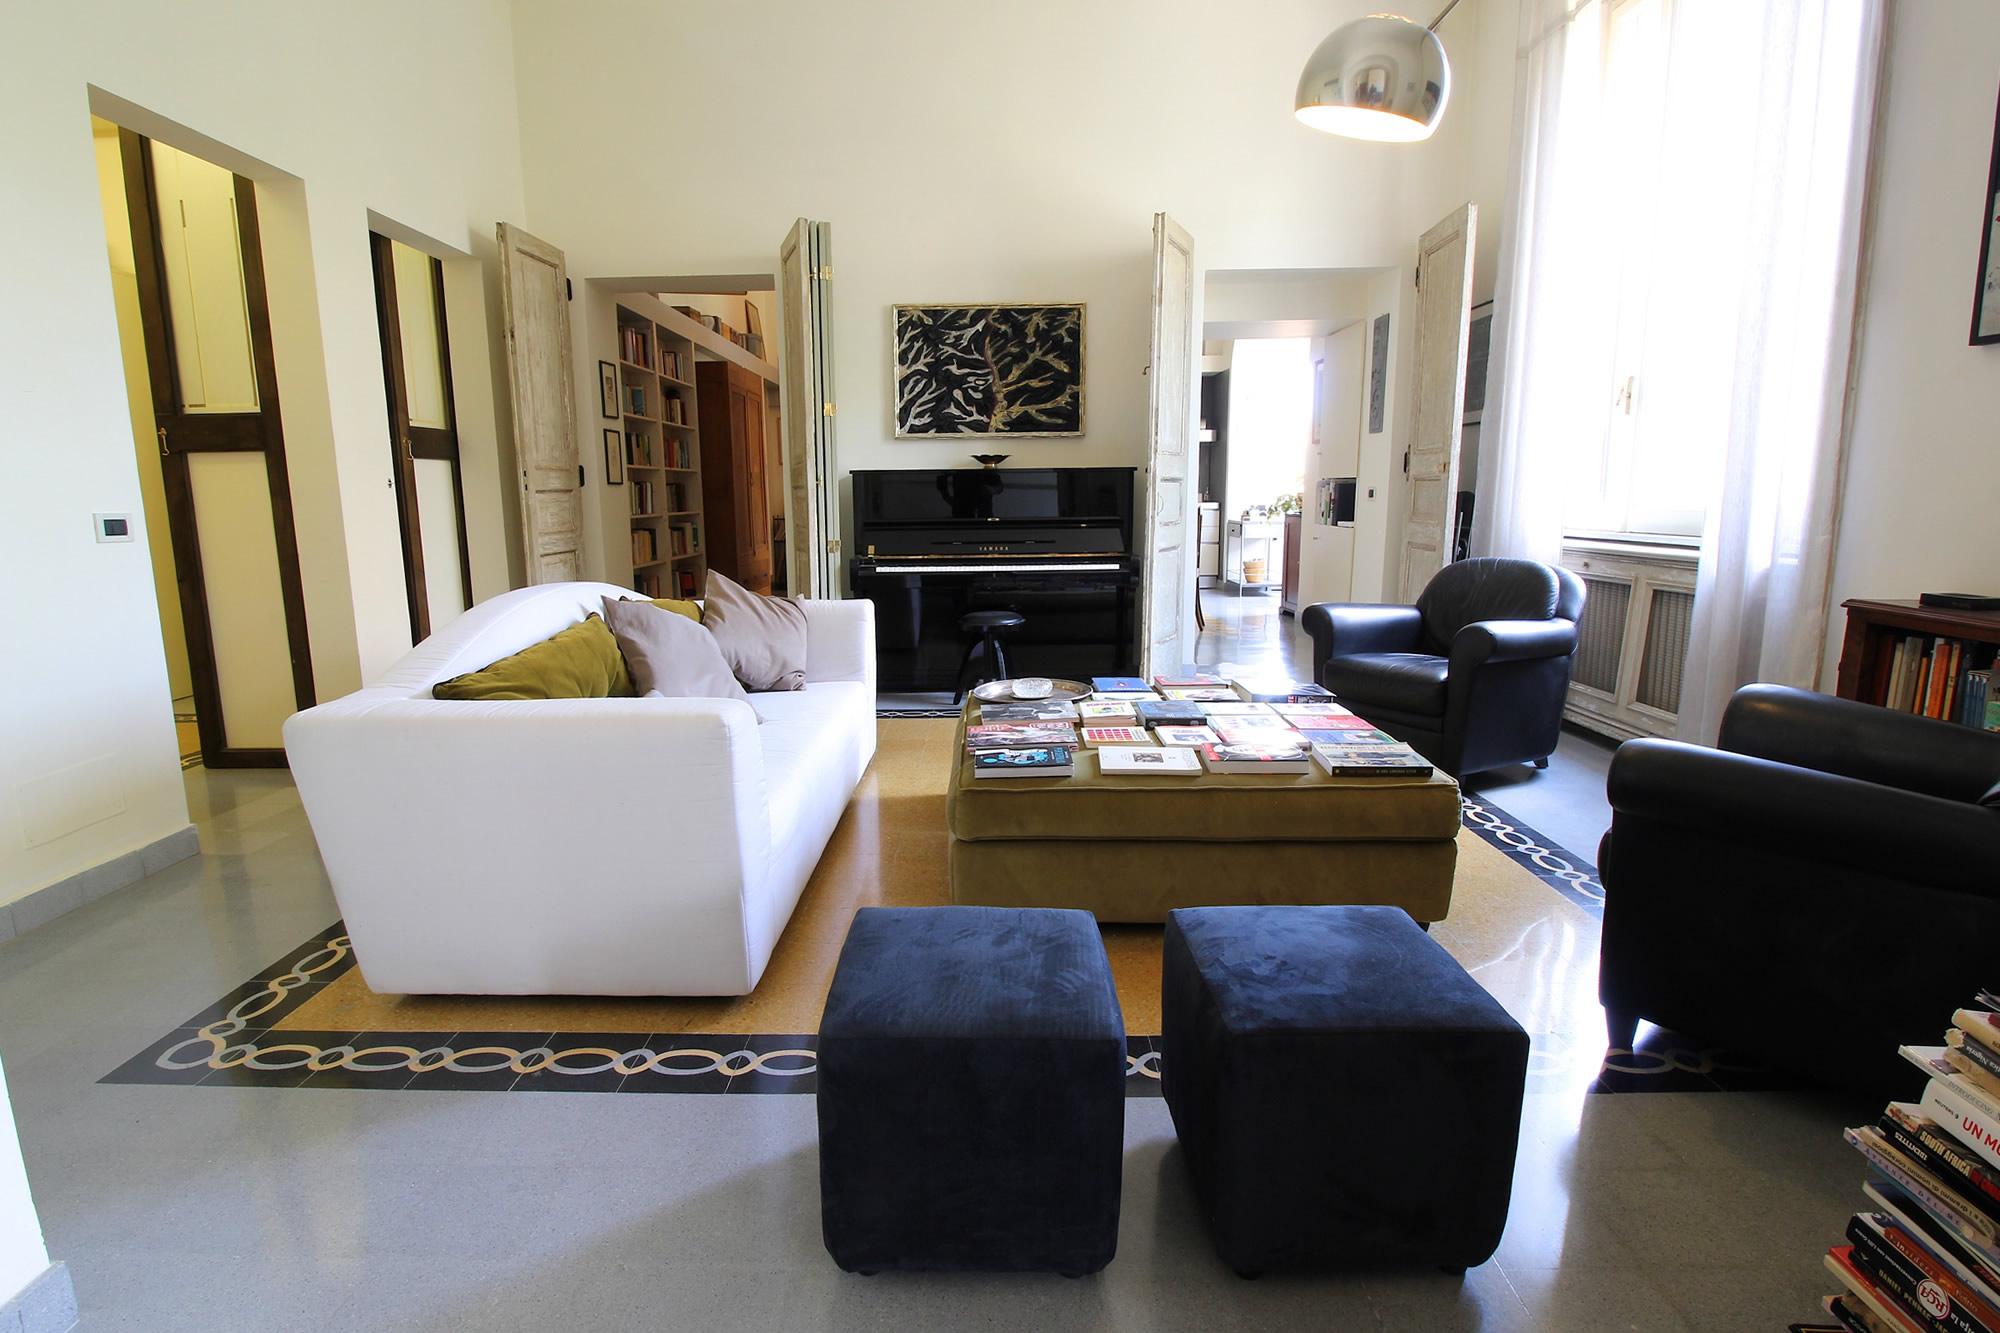 Una casa nel cuore di monti roma maria laura berlinguer for Case di stile